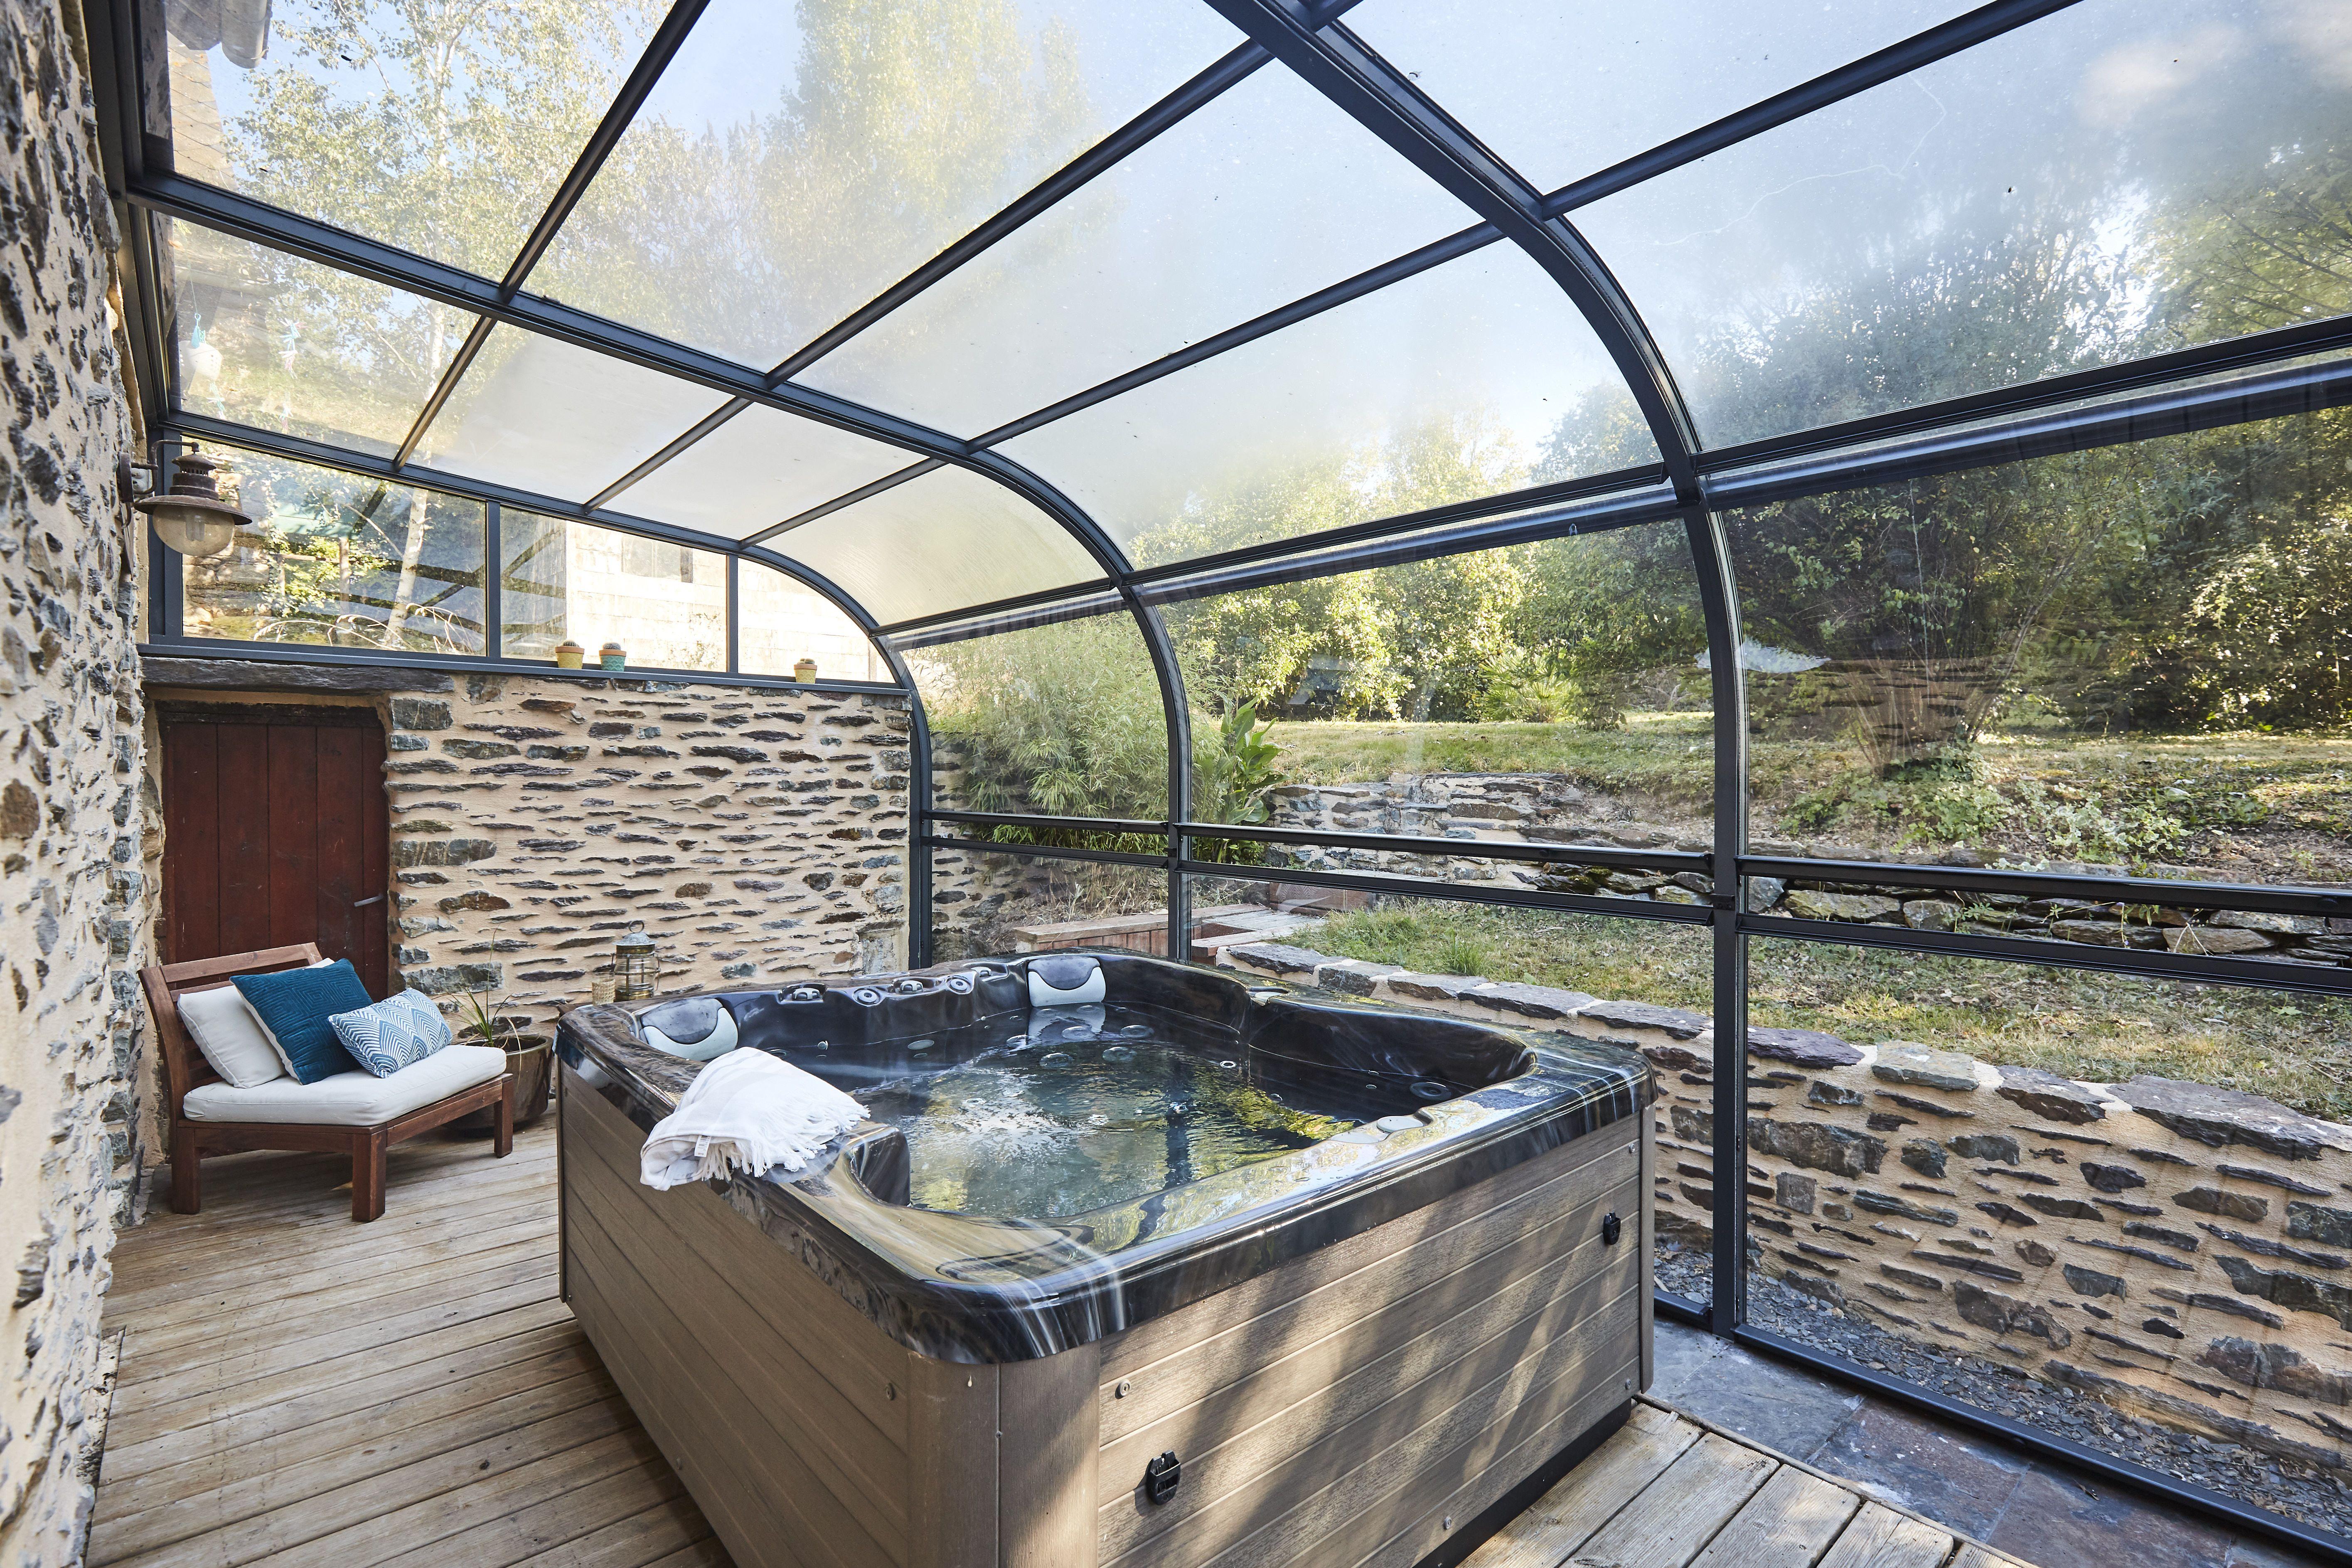 La Forme Galbee Et Harmonieuse De L Abri De Terrasse Panoramik Offre Un Espace Couvert Spacieux Qui S Integre Parfaitemen Abri Terrasse Jardin Couvert Terrasse